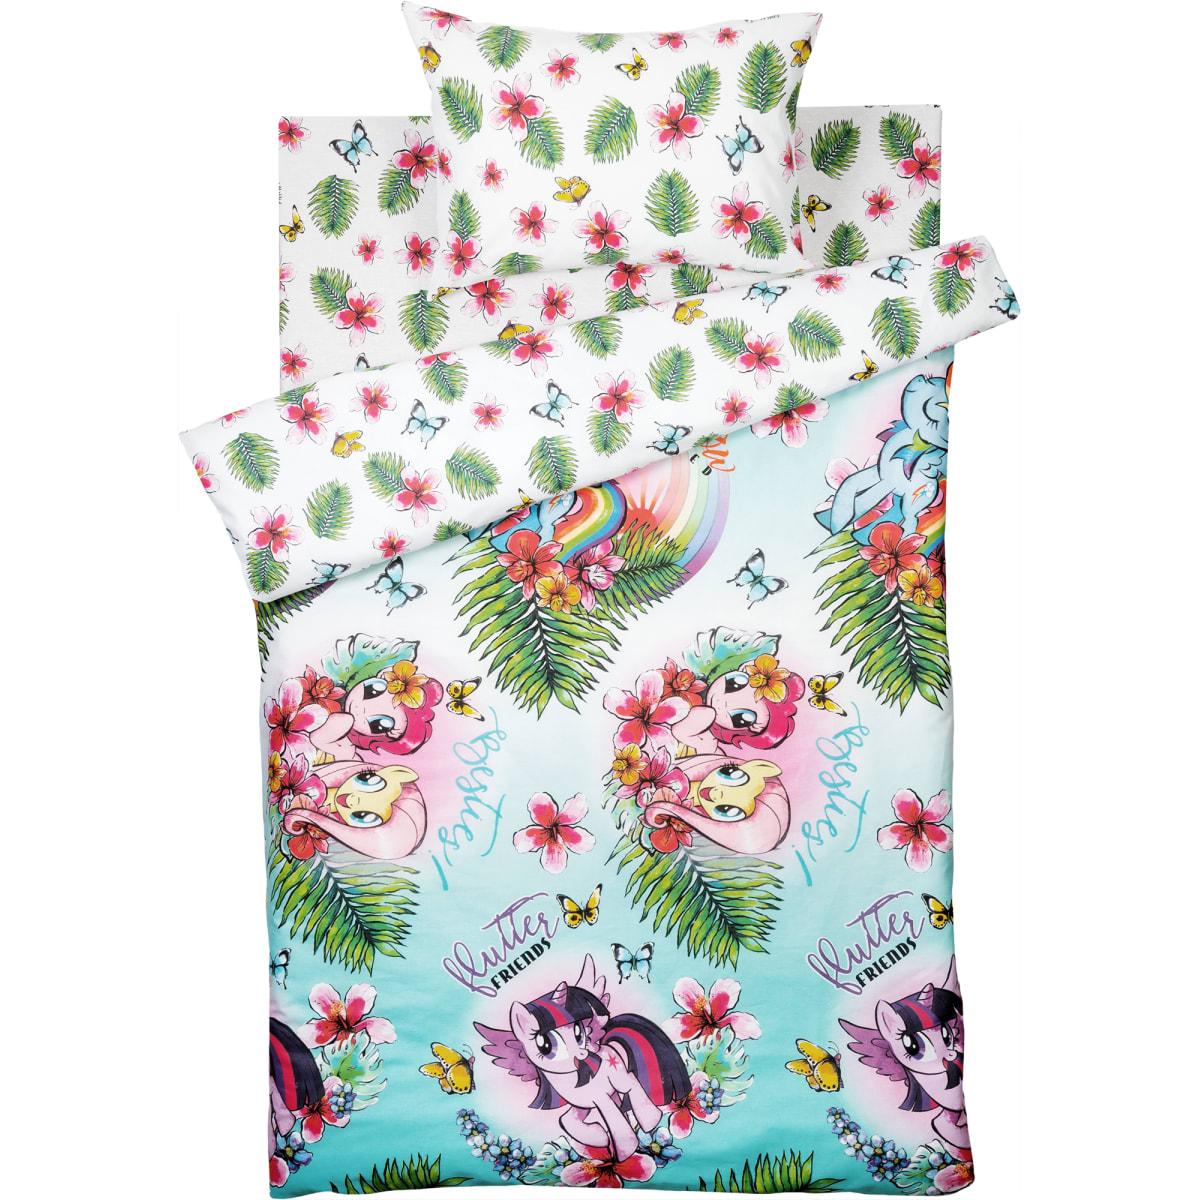 Комплект постельного белья детский My Little Pony «Pony Pink» полутораспальный бязь цвет зелёный/розовый